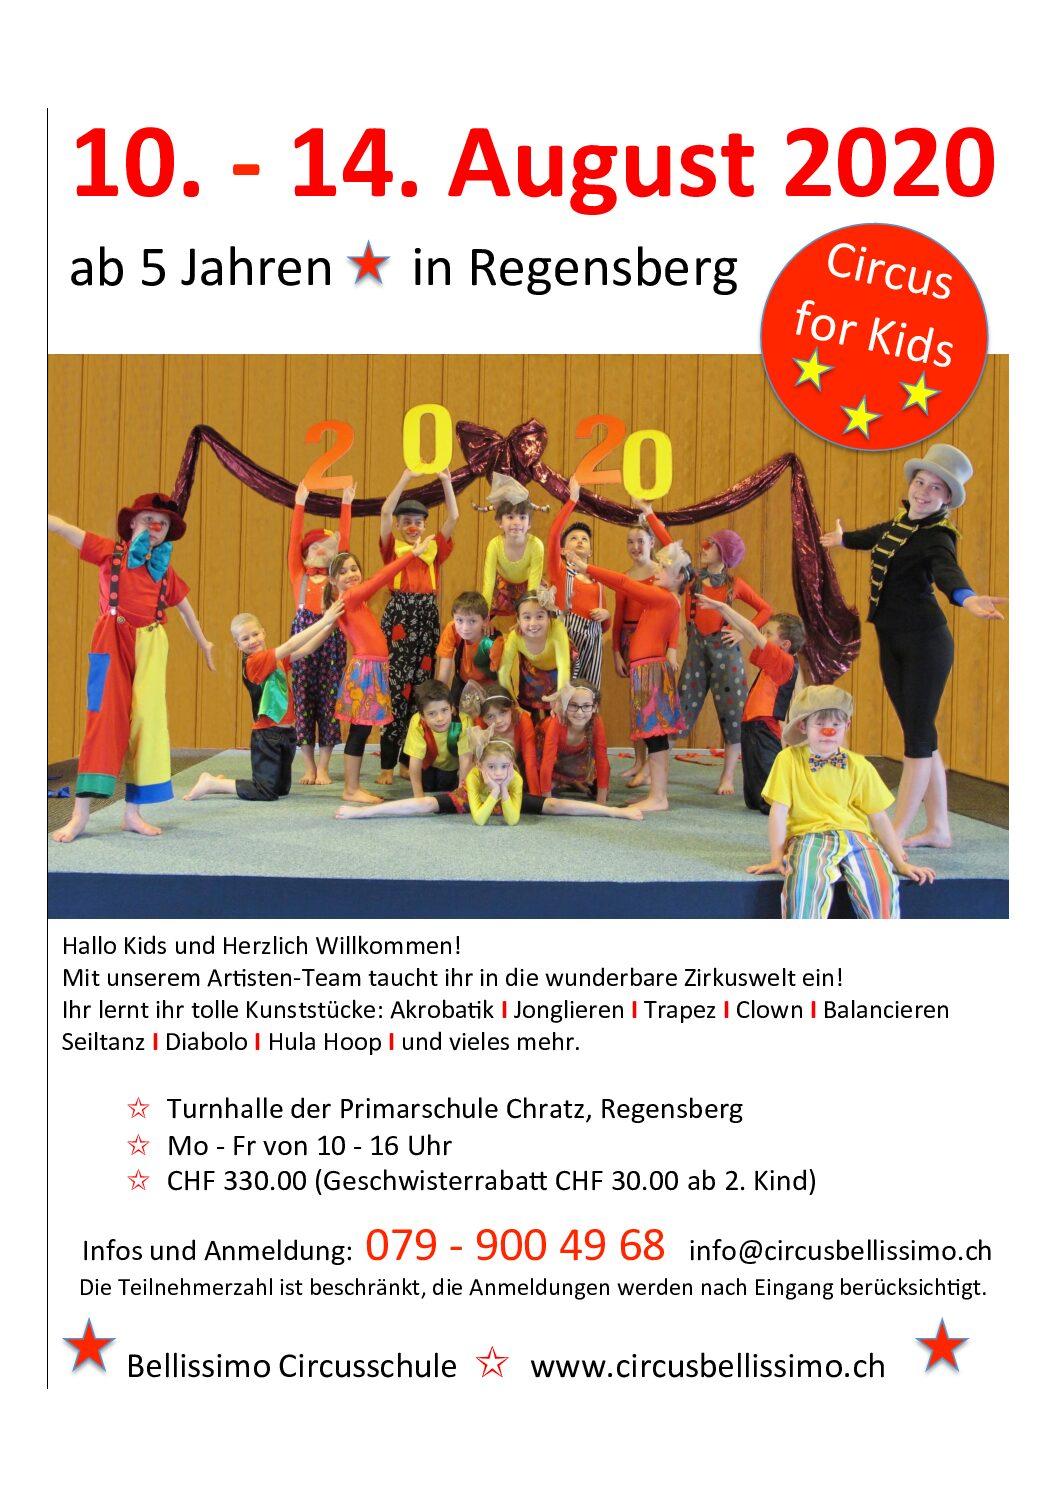 Zirkuswoche in den Sommerferien